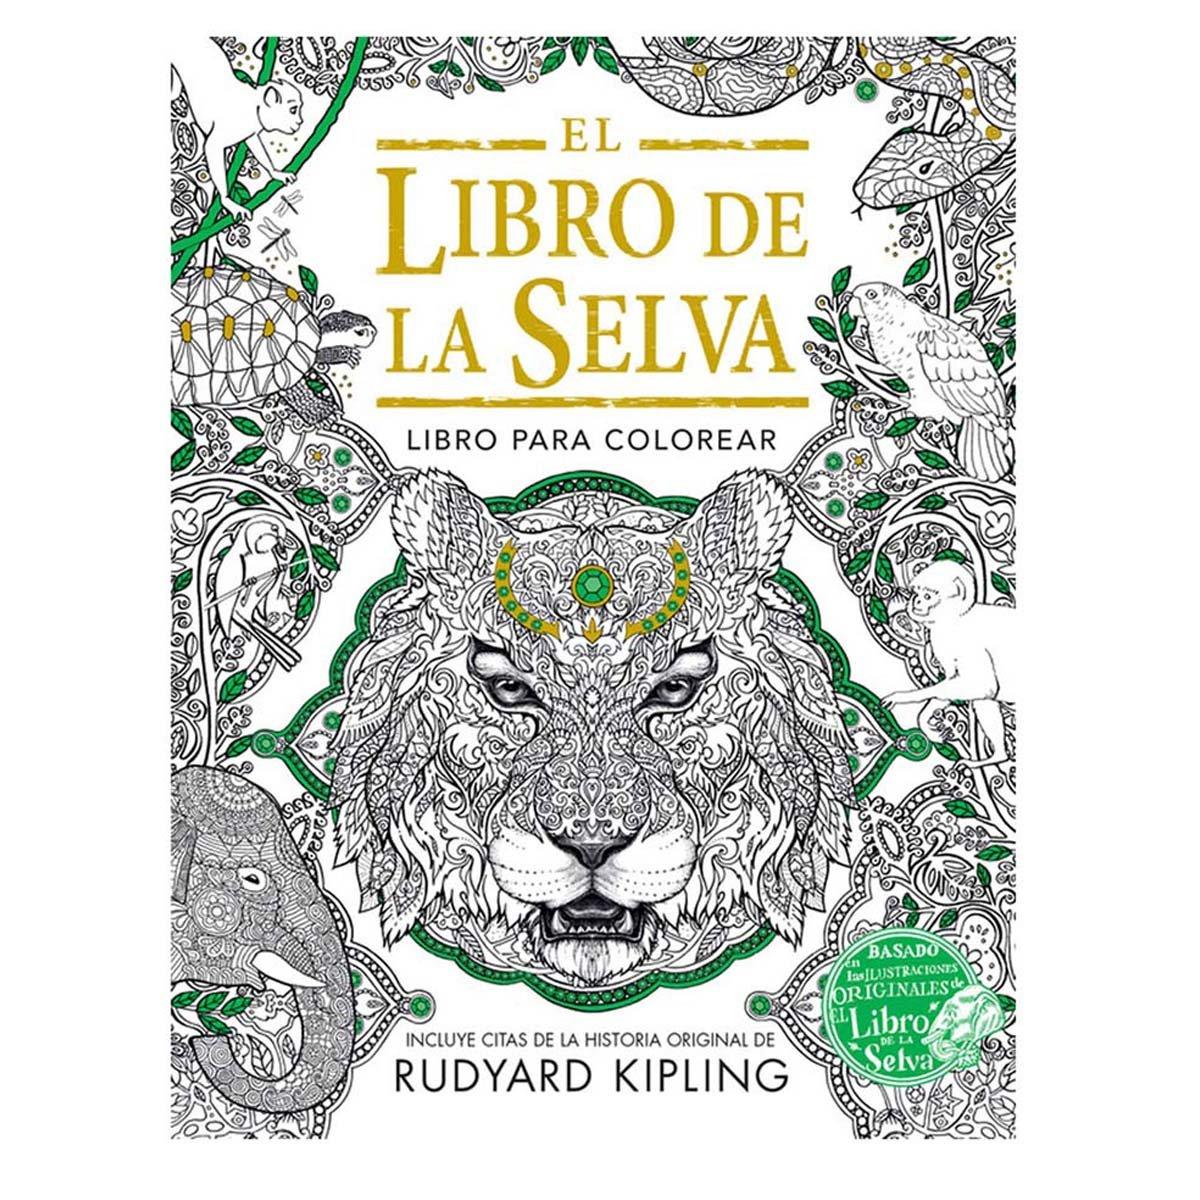 LIBRO PARA COLOREAR EL LIBRO DE LA SELVA   SEARS.COM.MX - Me entiende!